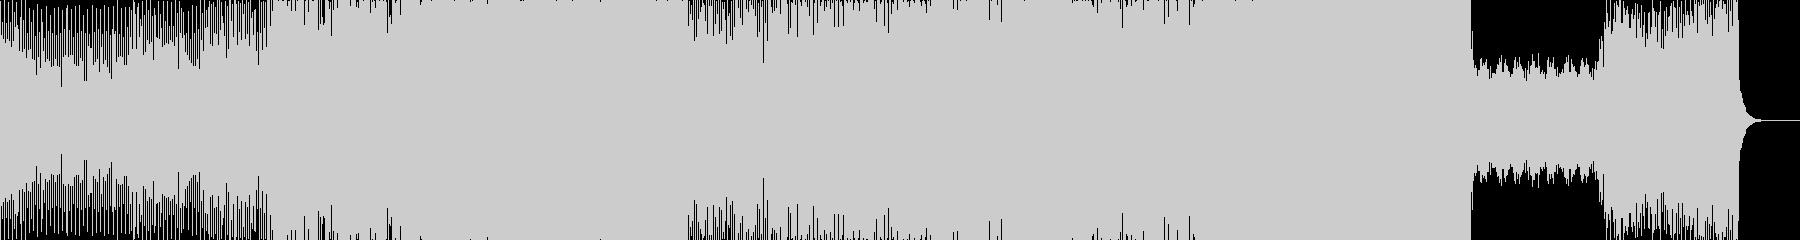 高地の空気のケルトブレイクスの未再生の波形